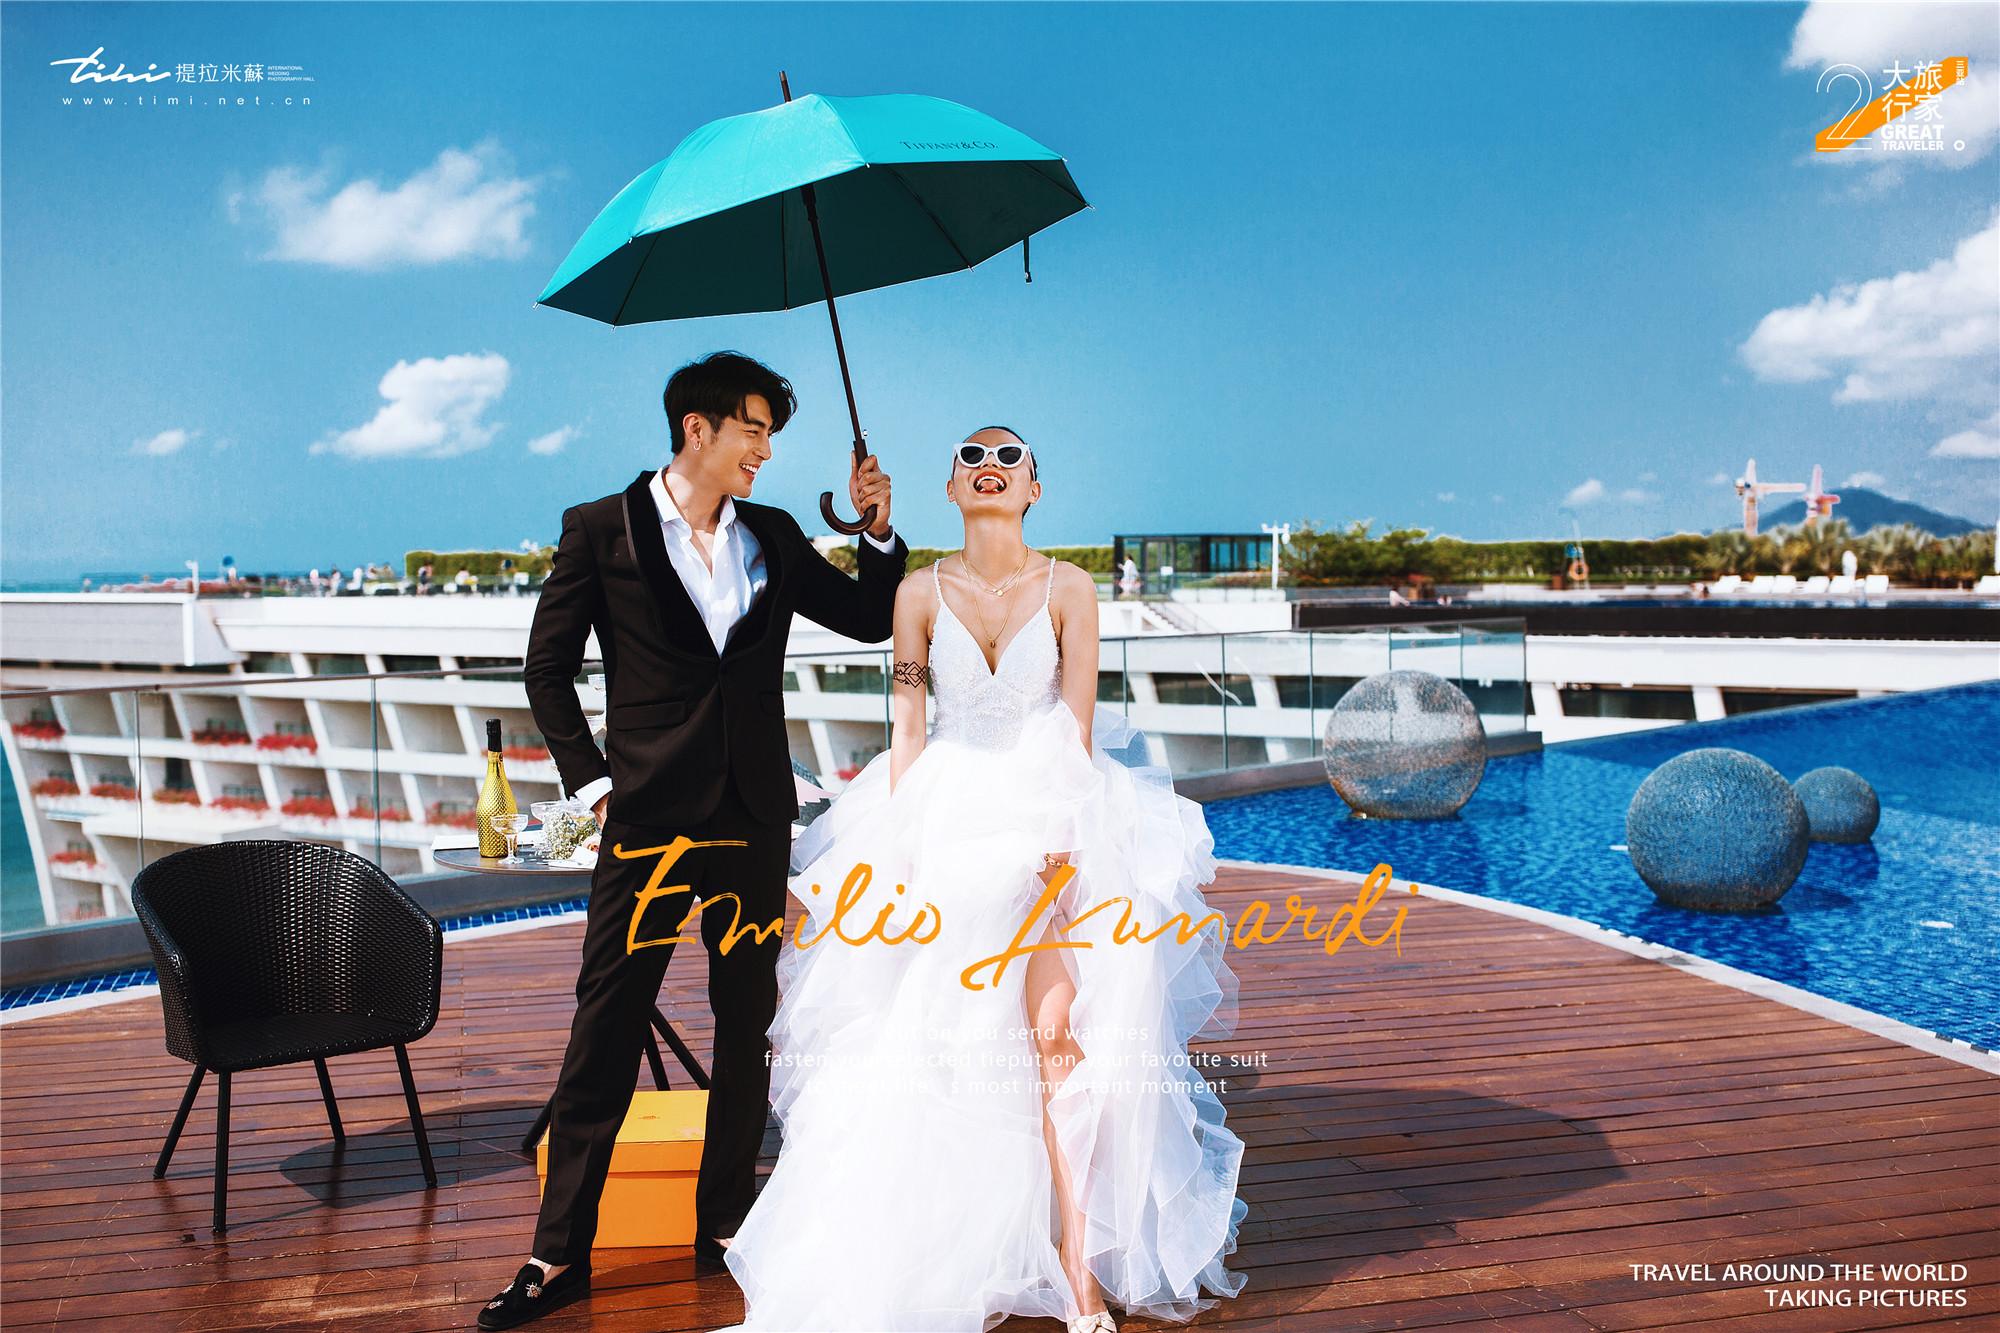 普吉岛拍婚纱照几月份最适合